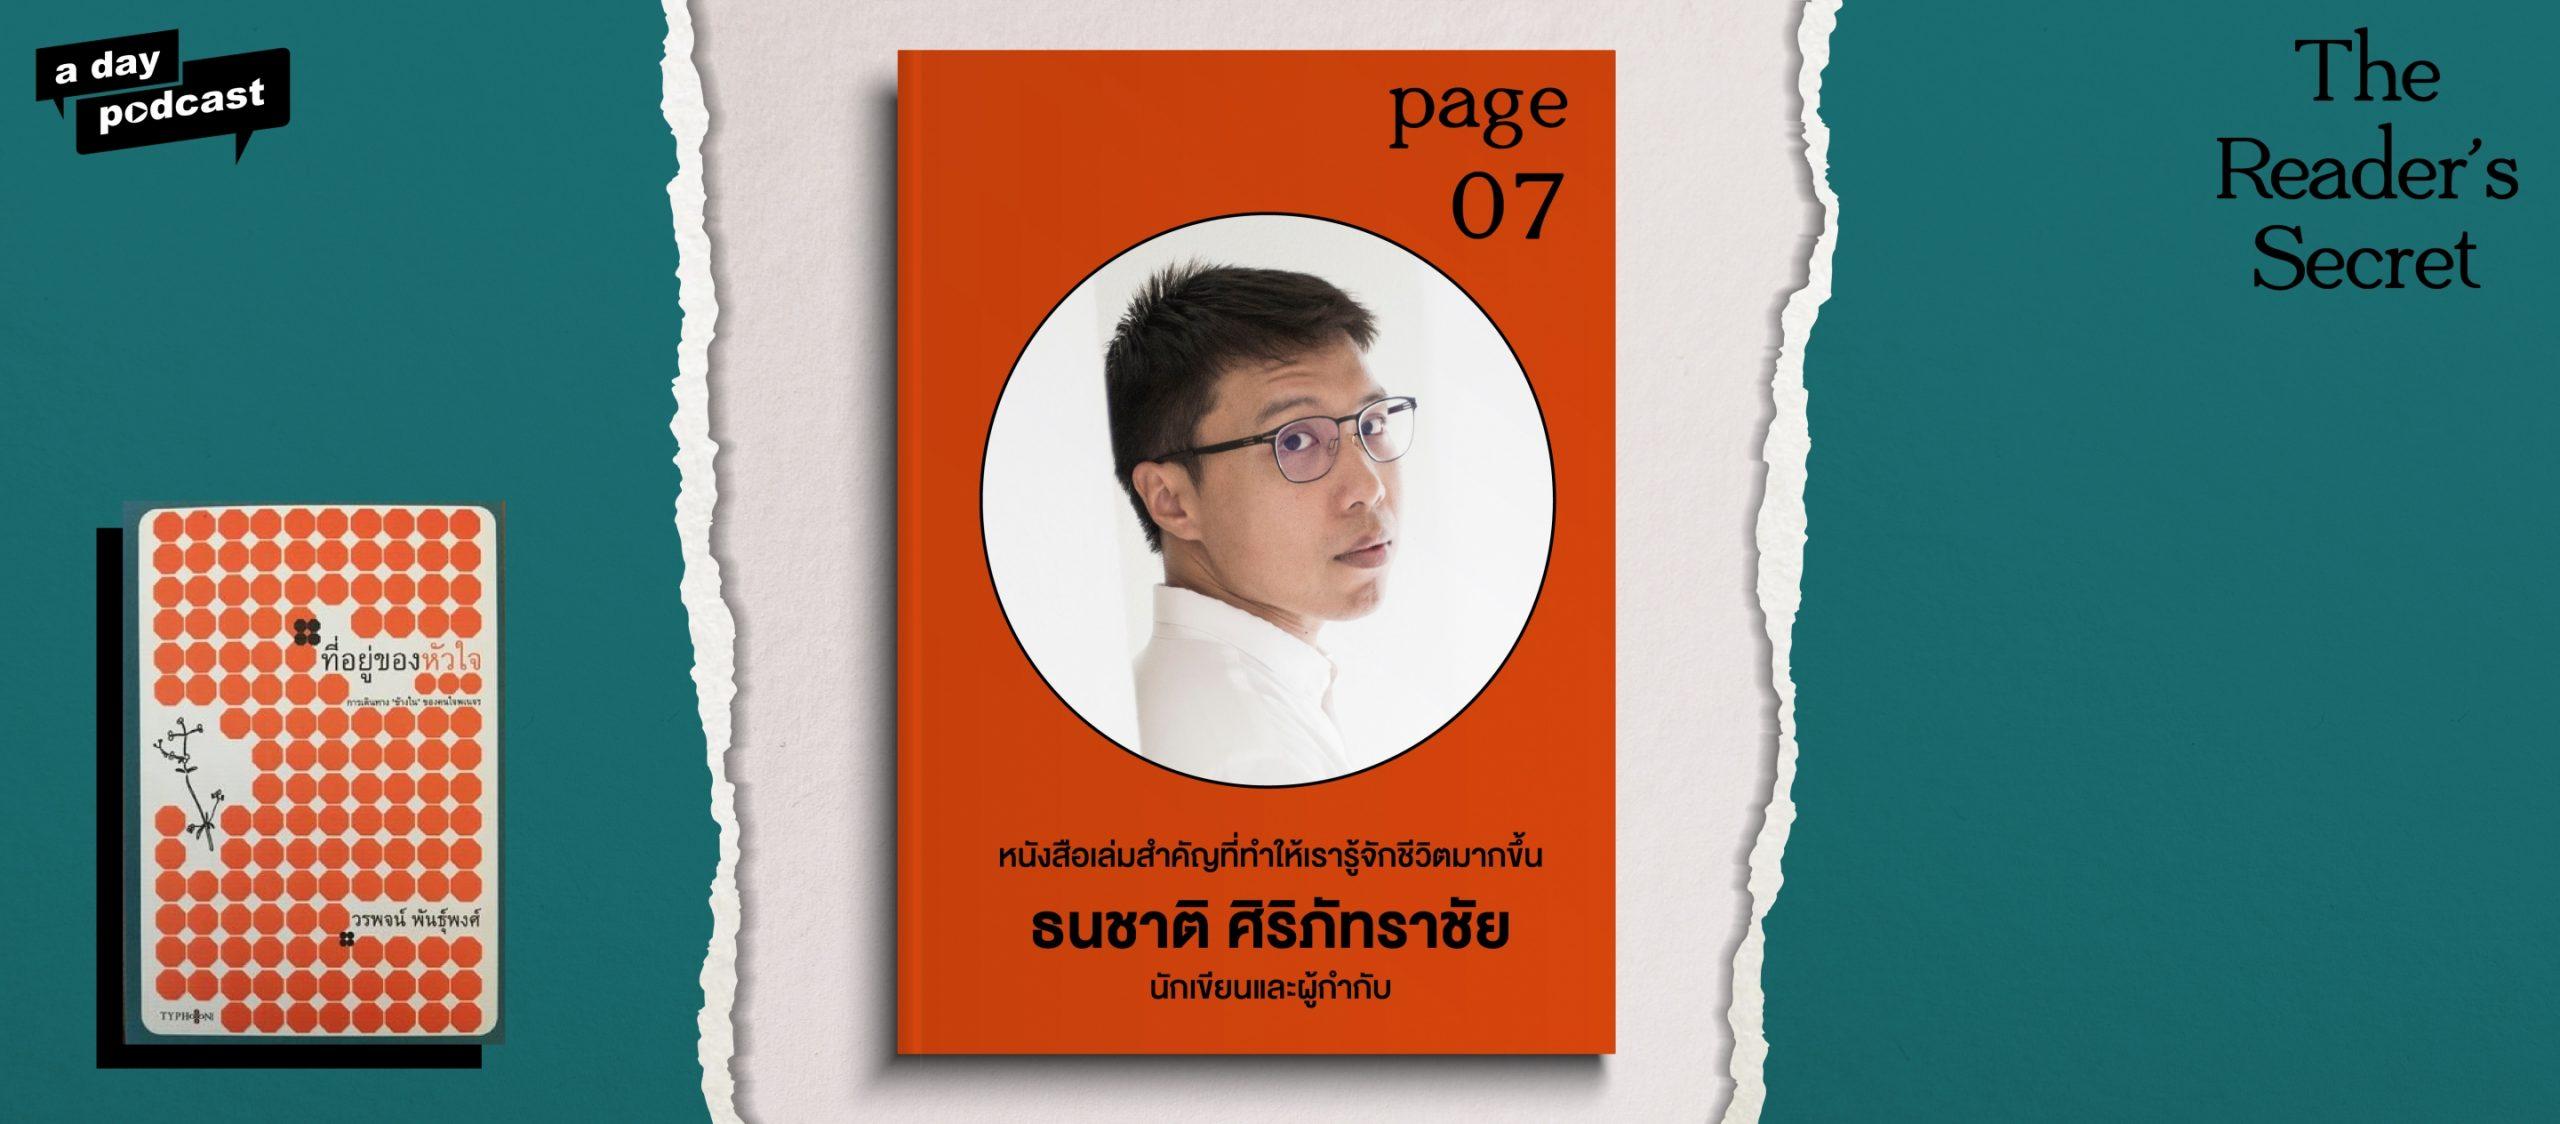 The Reader's Secret EP.07 หนังสือเล่มสำคัญที่ทำให้ ธนชาติ ศิริภัทราชัย รู้จักชีวิตมากขึ้น